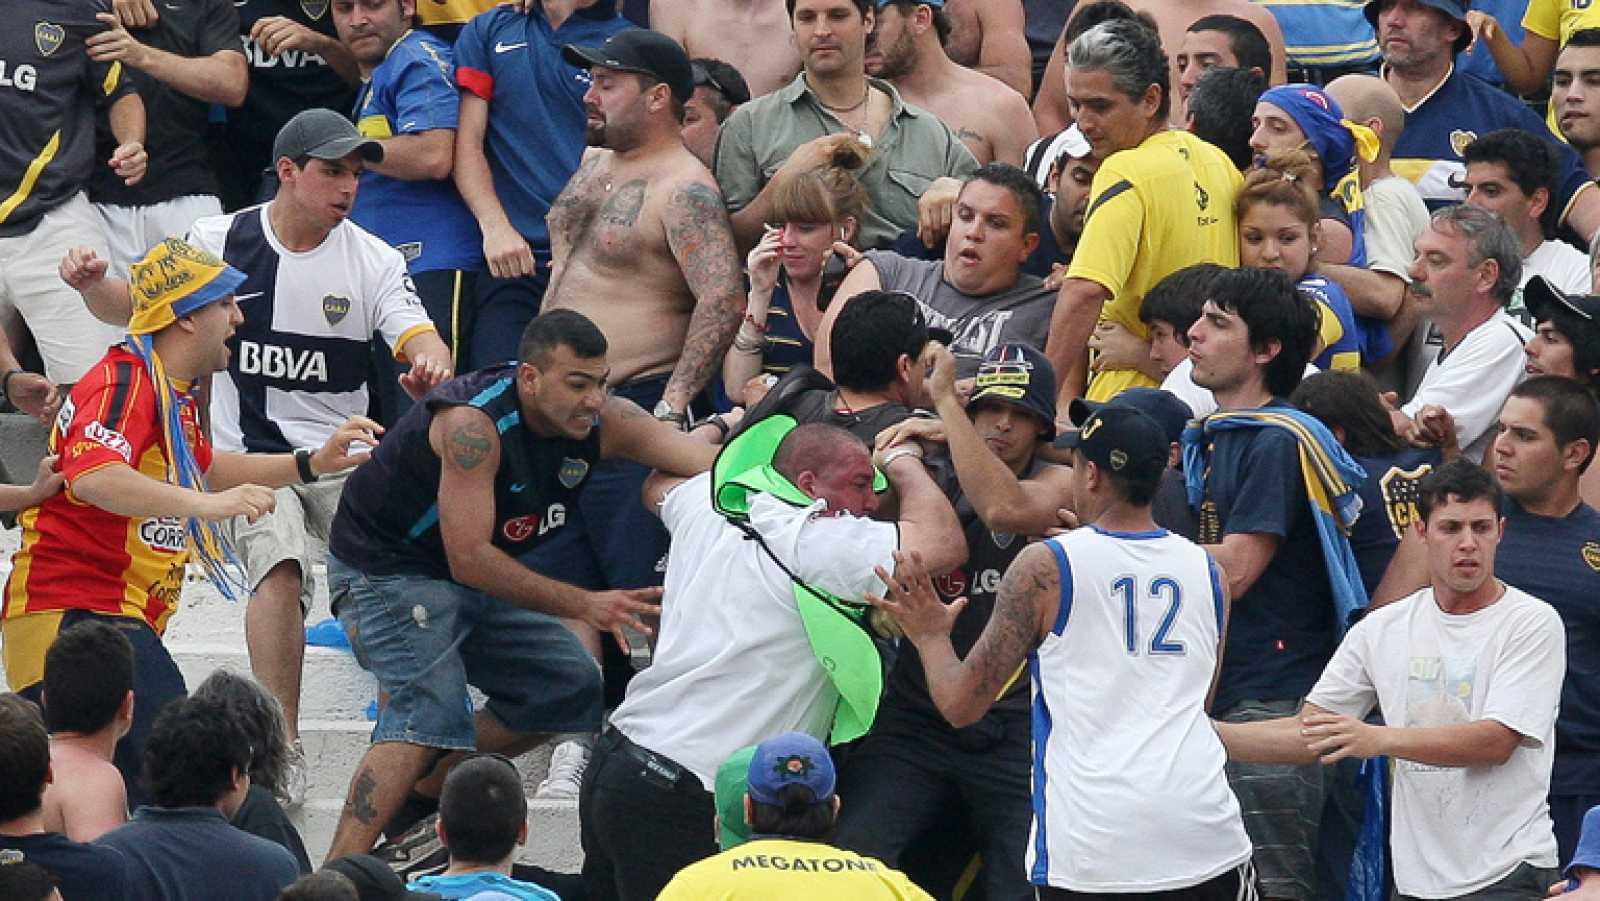 Hinchas del Boca Juniors asesinan a fanático del River Plate por festejar victoria